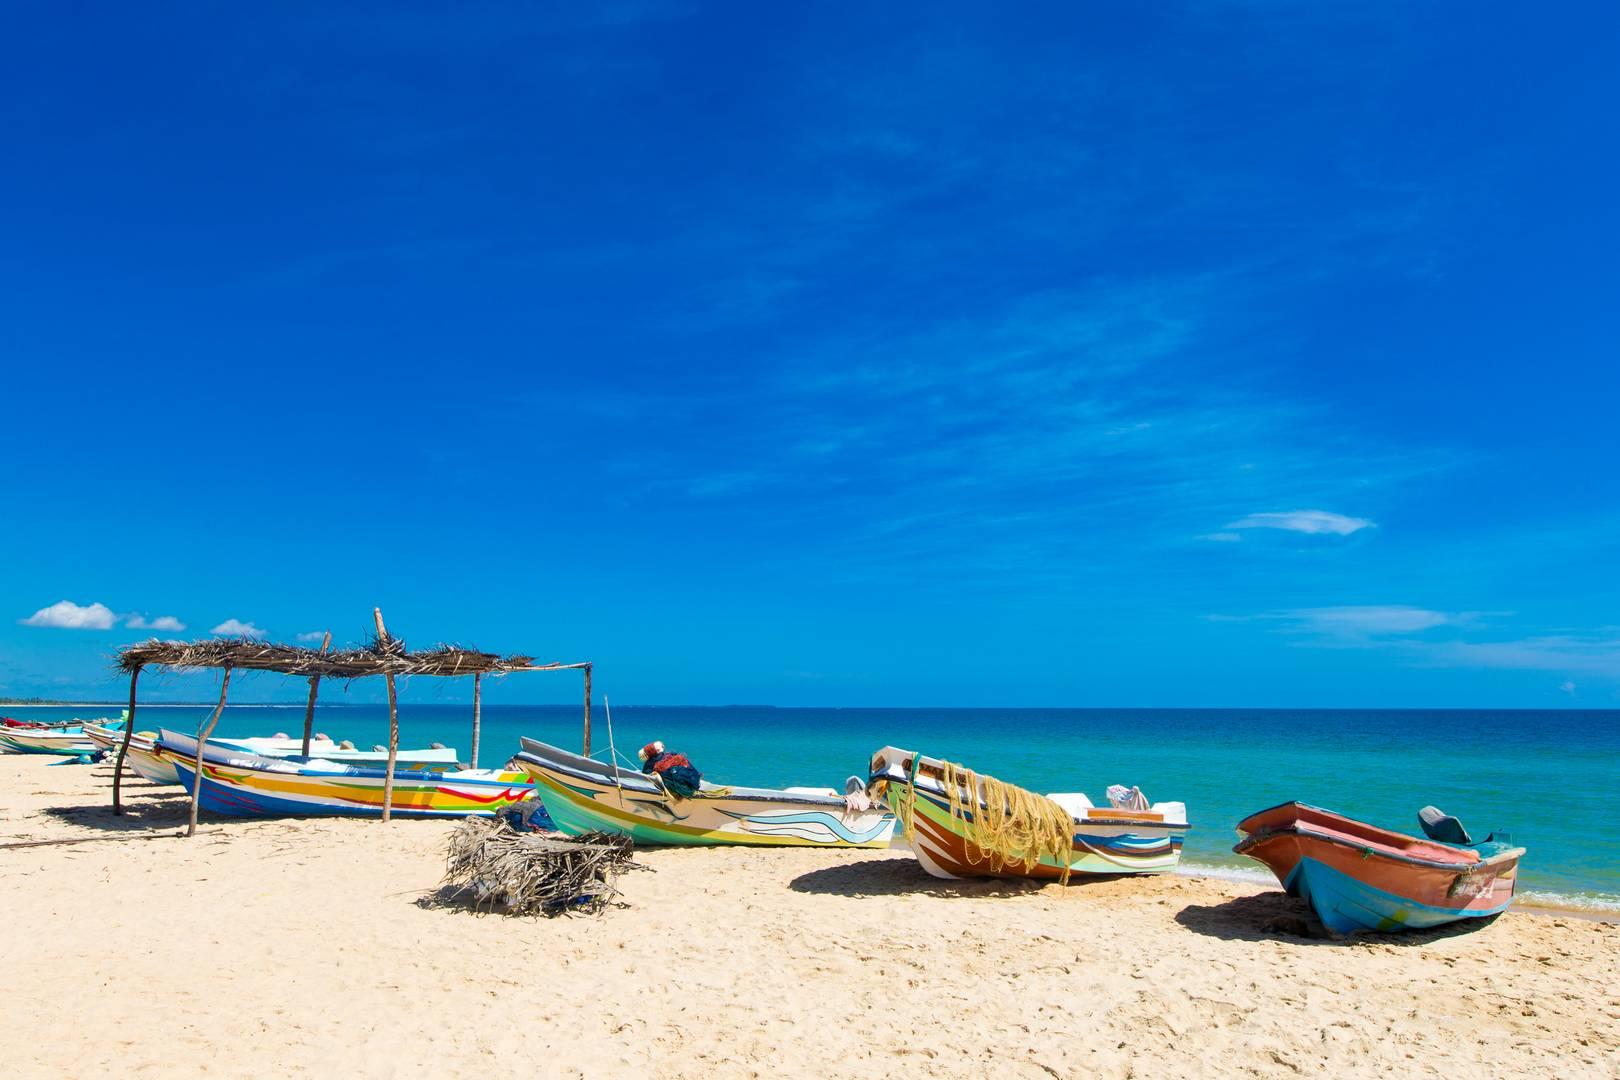 Besplatno stranica za upoznavanje mauritius